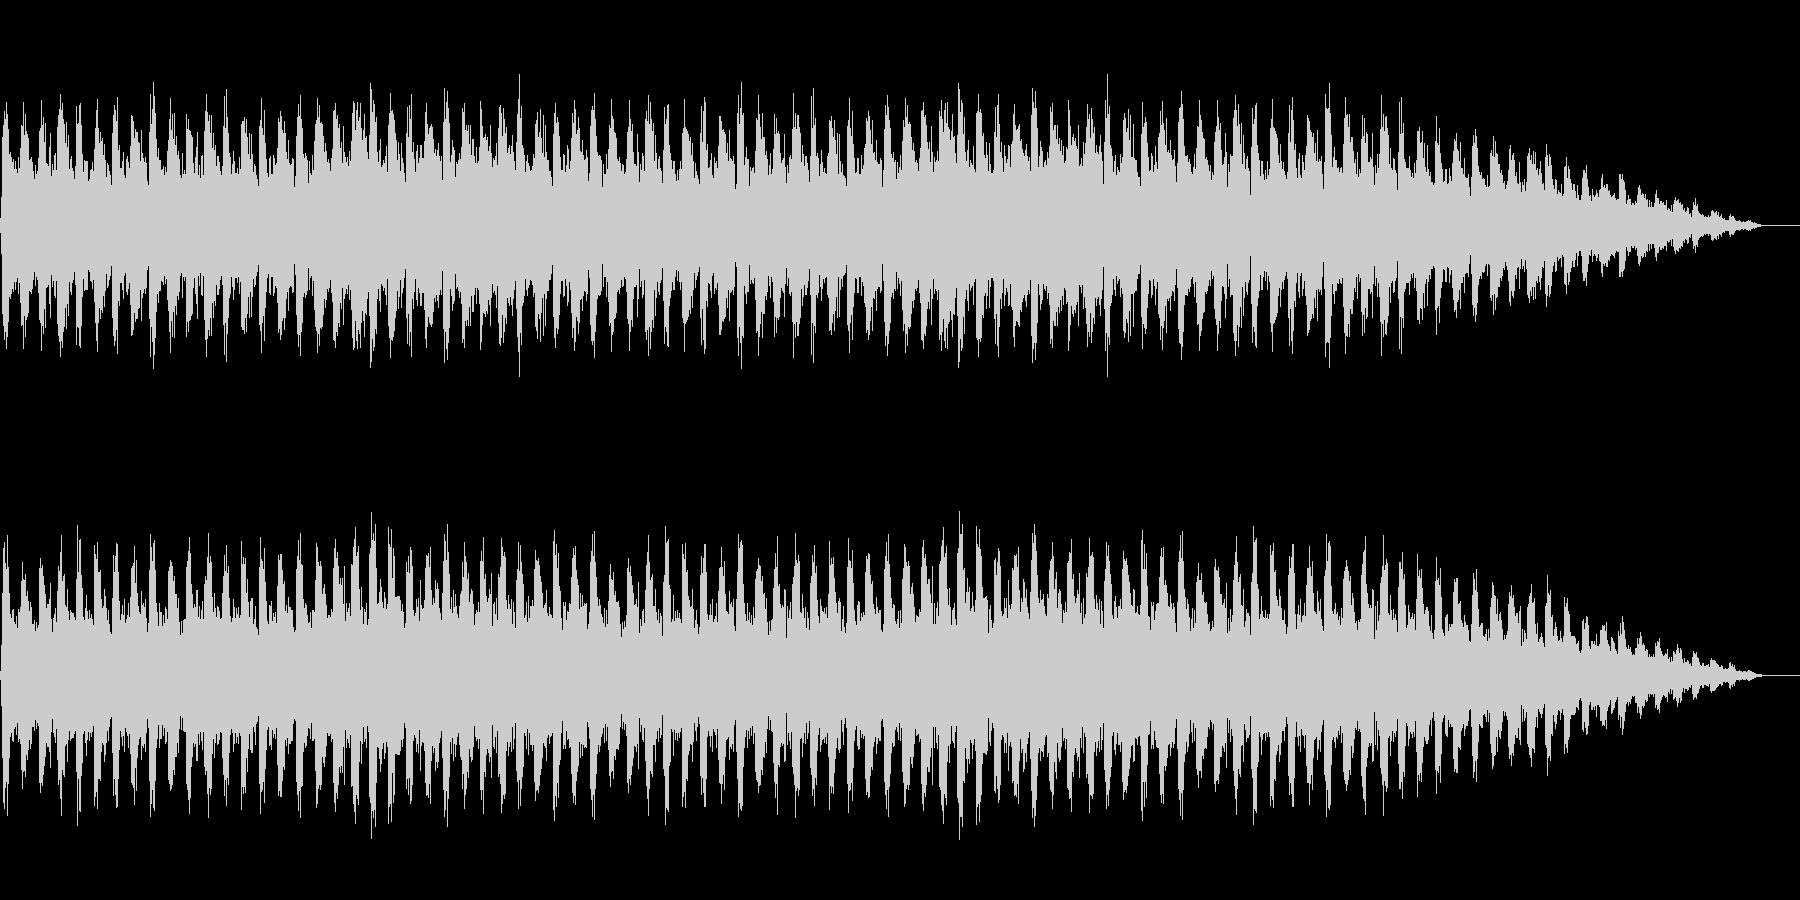 勇壮な合唱オーケストラ:編集版Bの未再生の波形